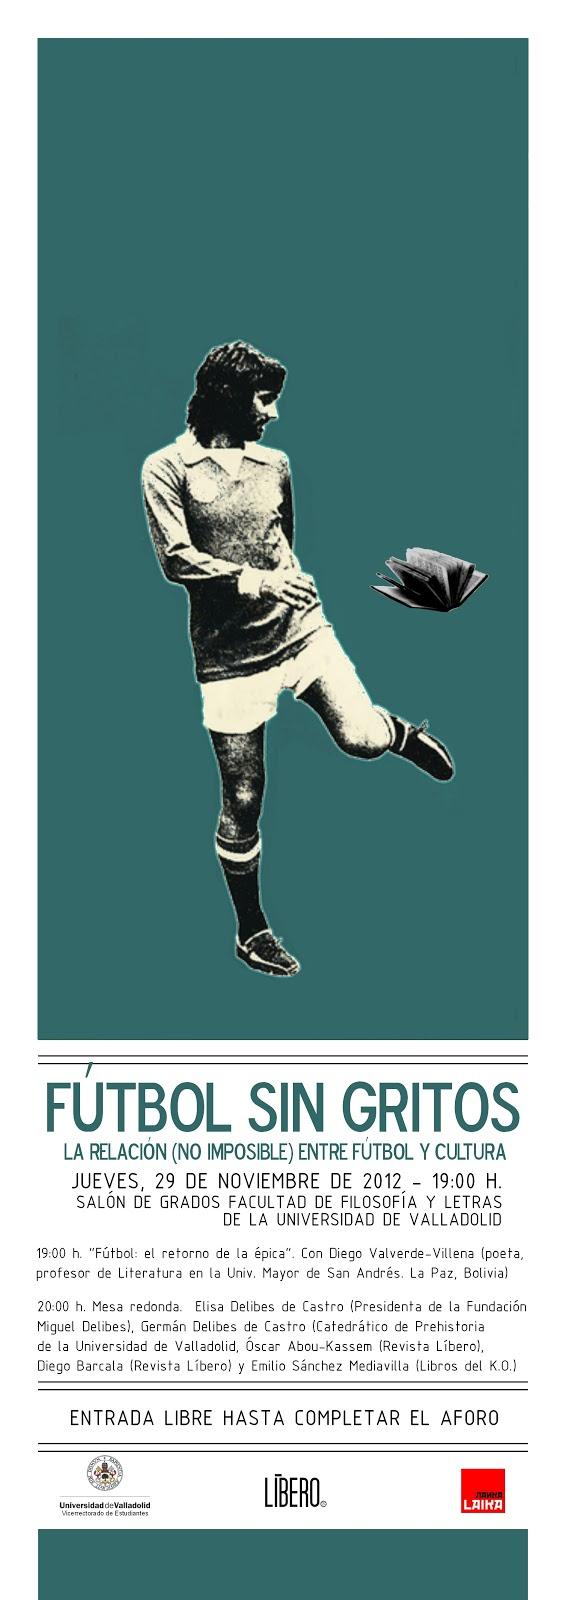 Fútbol sin gritos